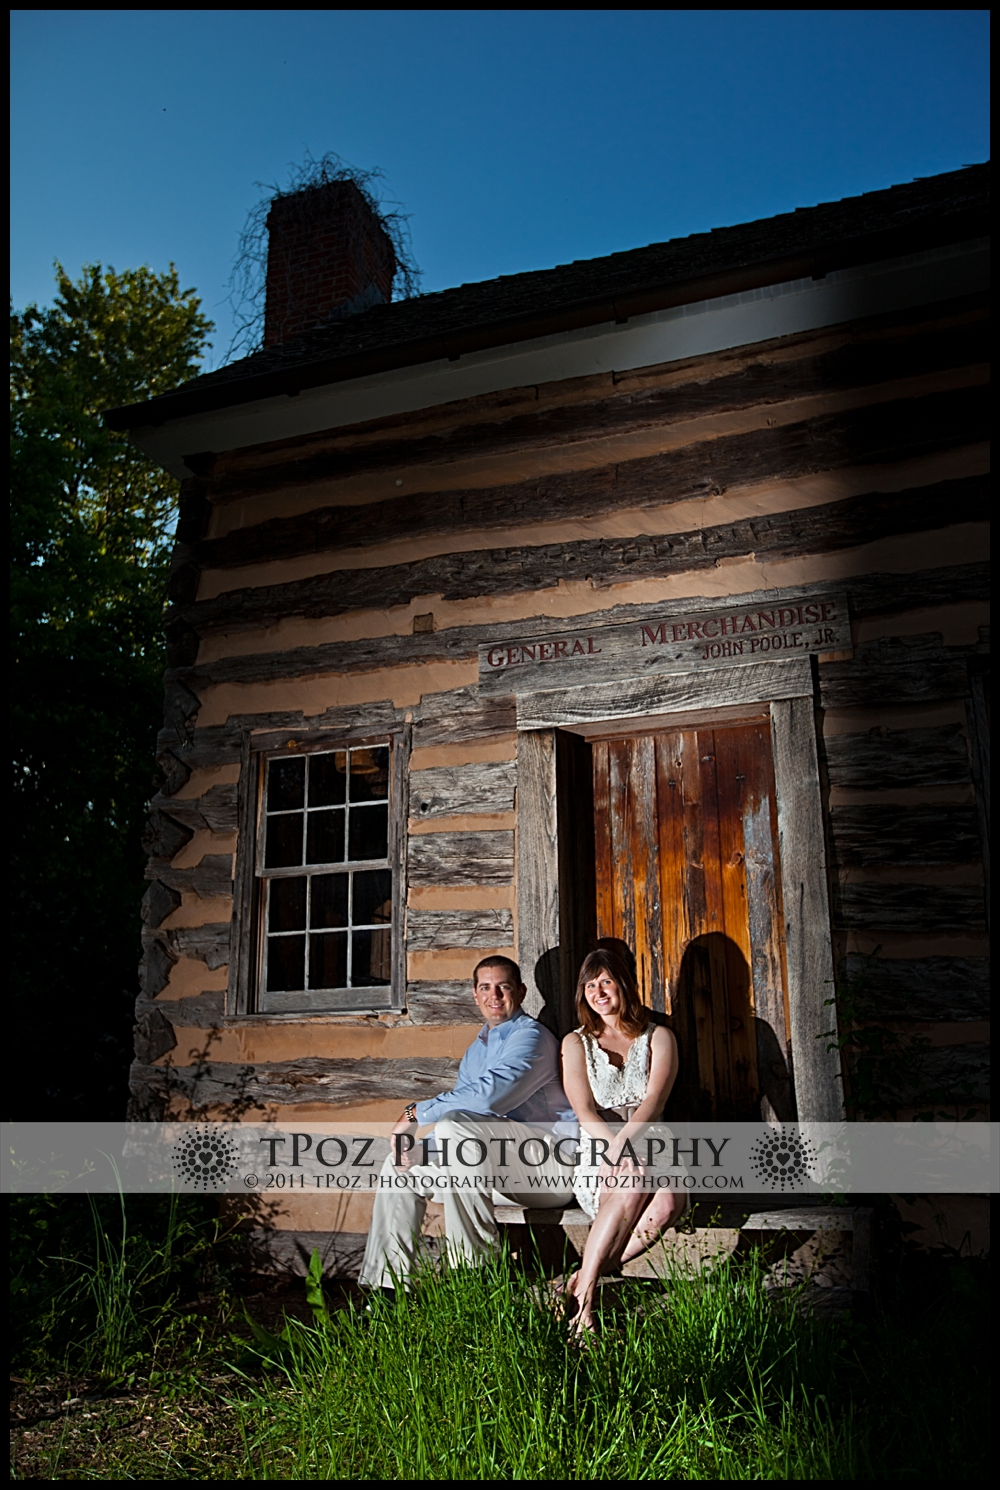 poolesville maryland engagement photography